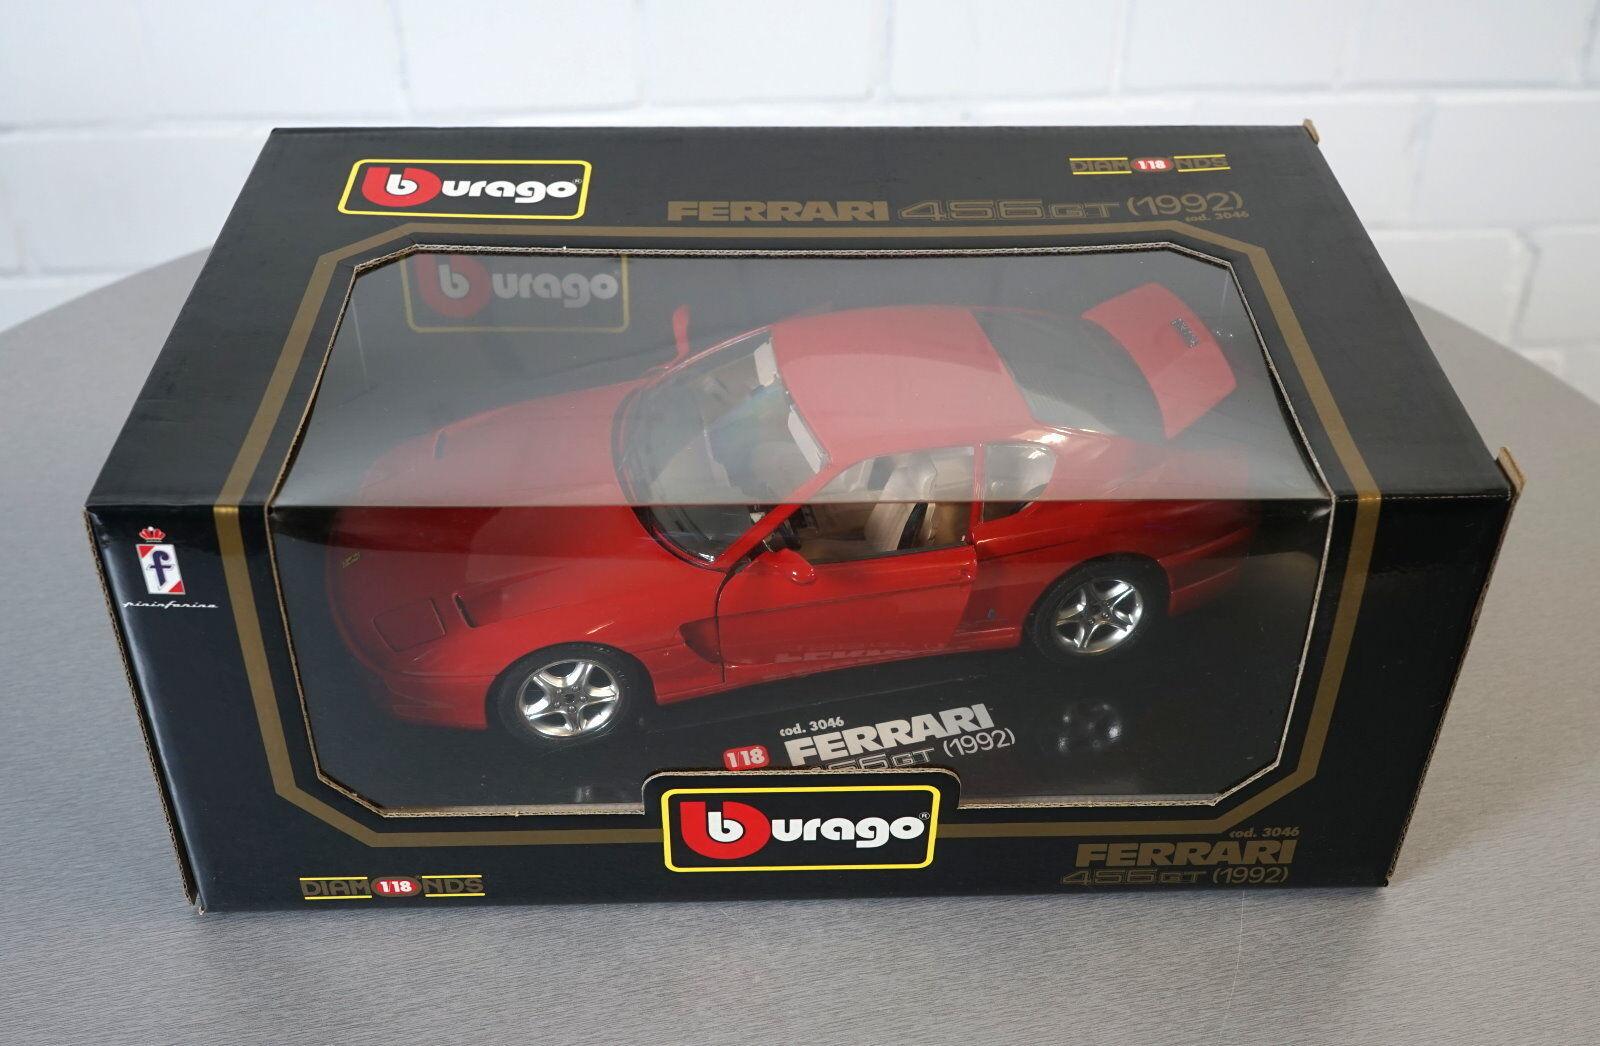 Burago 1 18 Ferrari 456 456 456 GT (1992) red -3046- Die-Cast Scale Modell Auto NEU OVP 4013f4